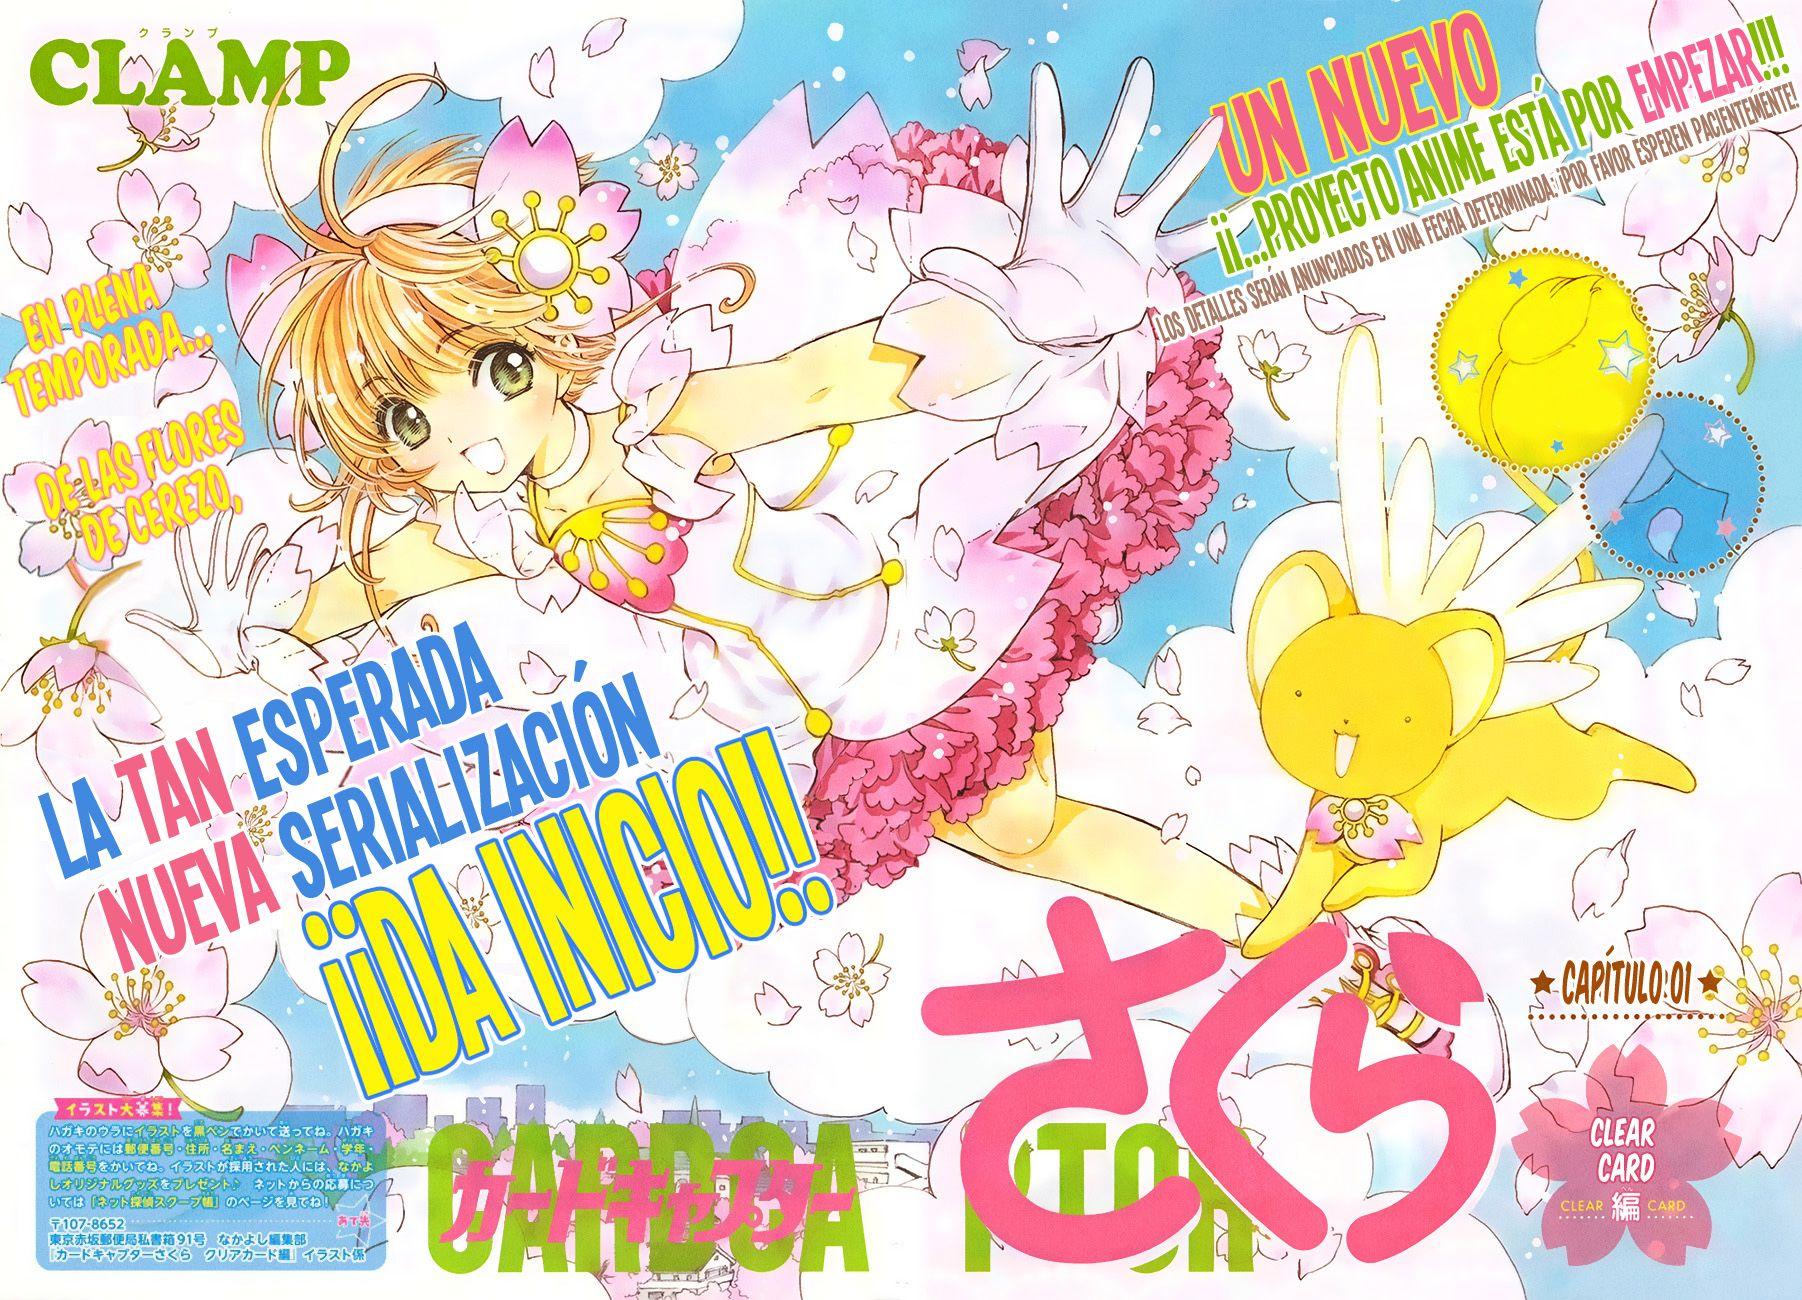 http://c5.ninemanga.com/es_manga/15/19855/468264/57b0f29c6bda13b2eeb36ec75cf2b36c.jpg Page 4